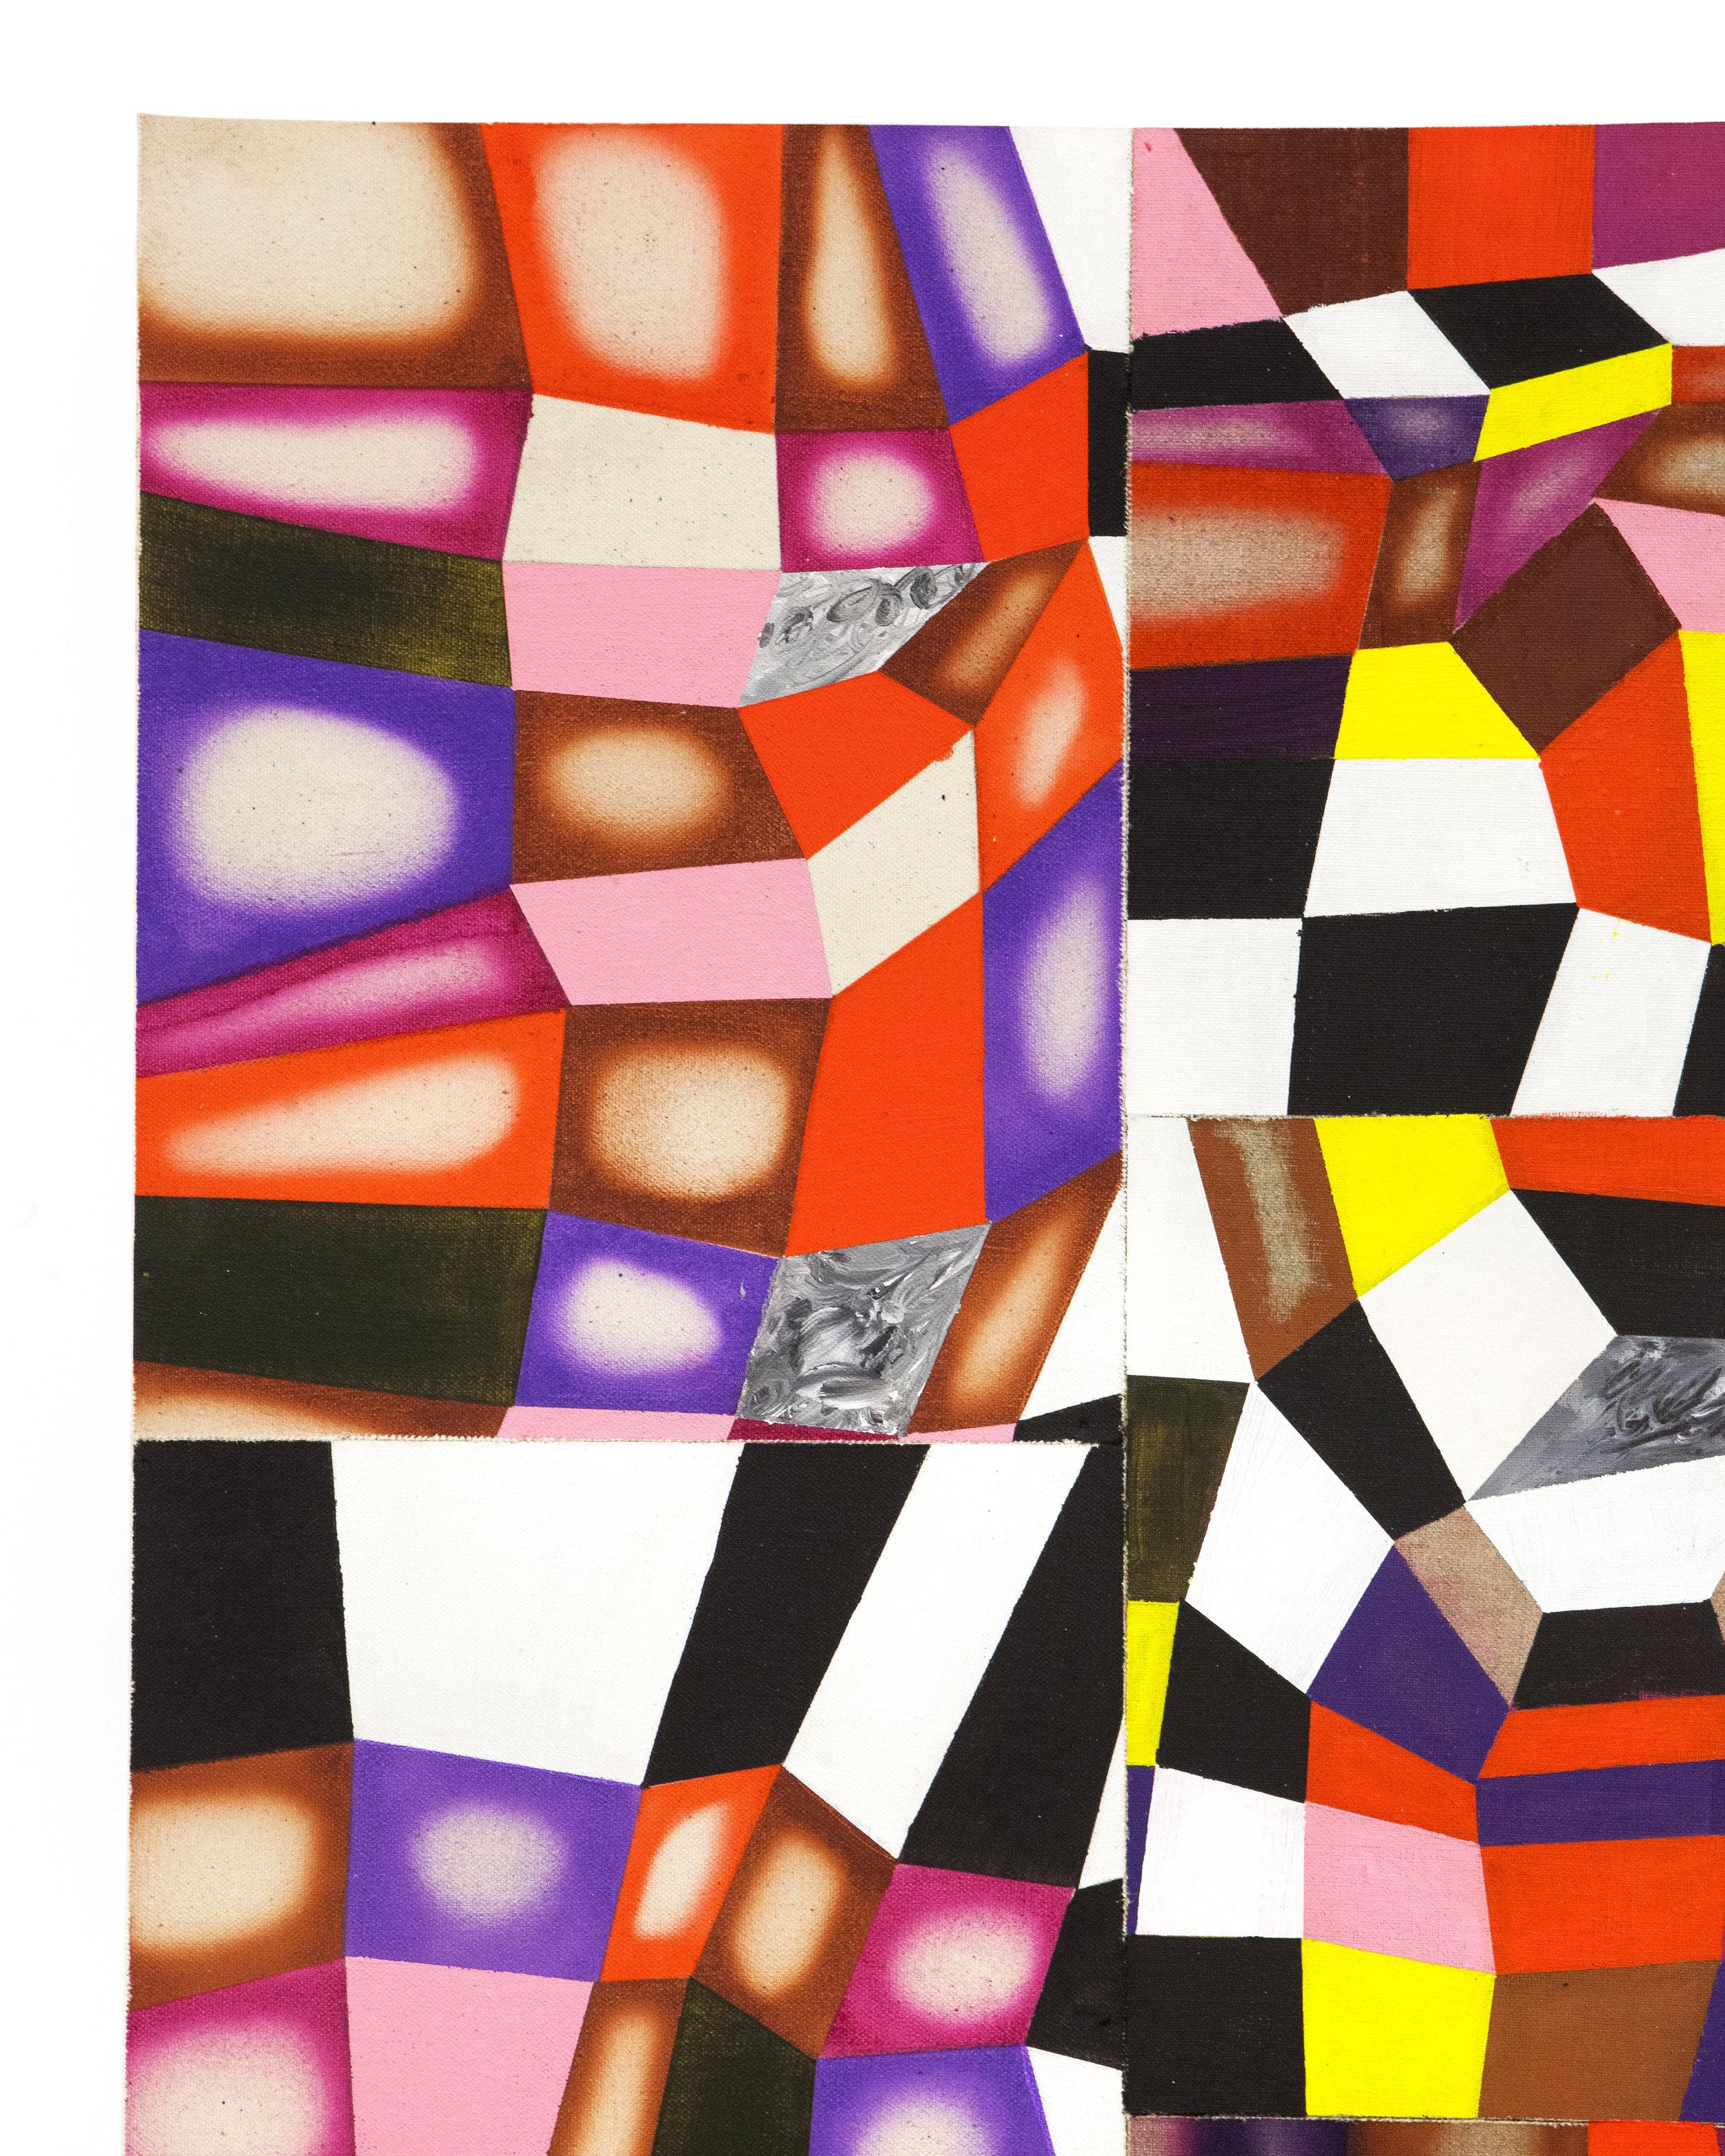 brettf_abstract_1__1.jpg